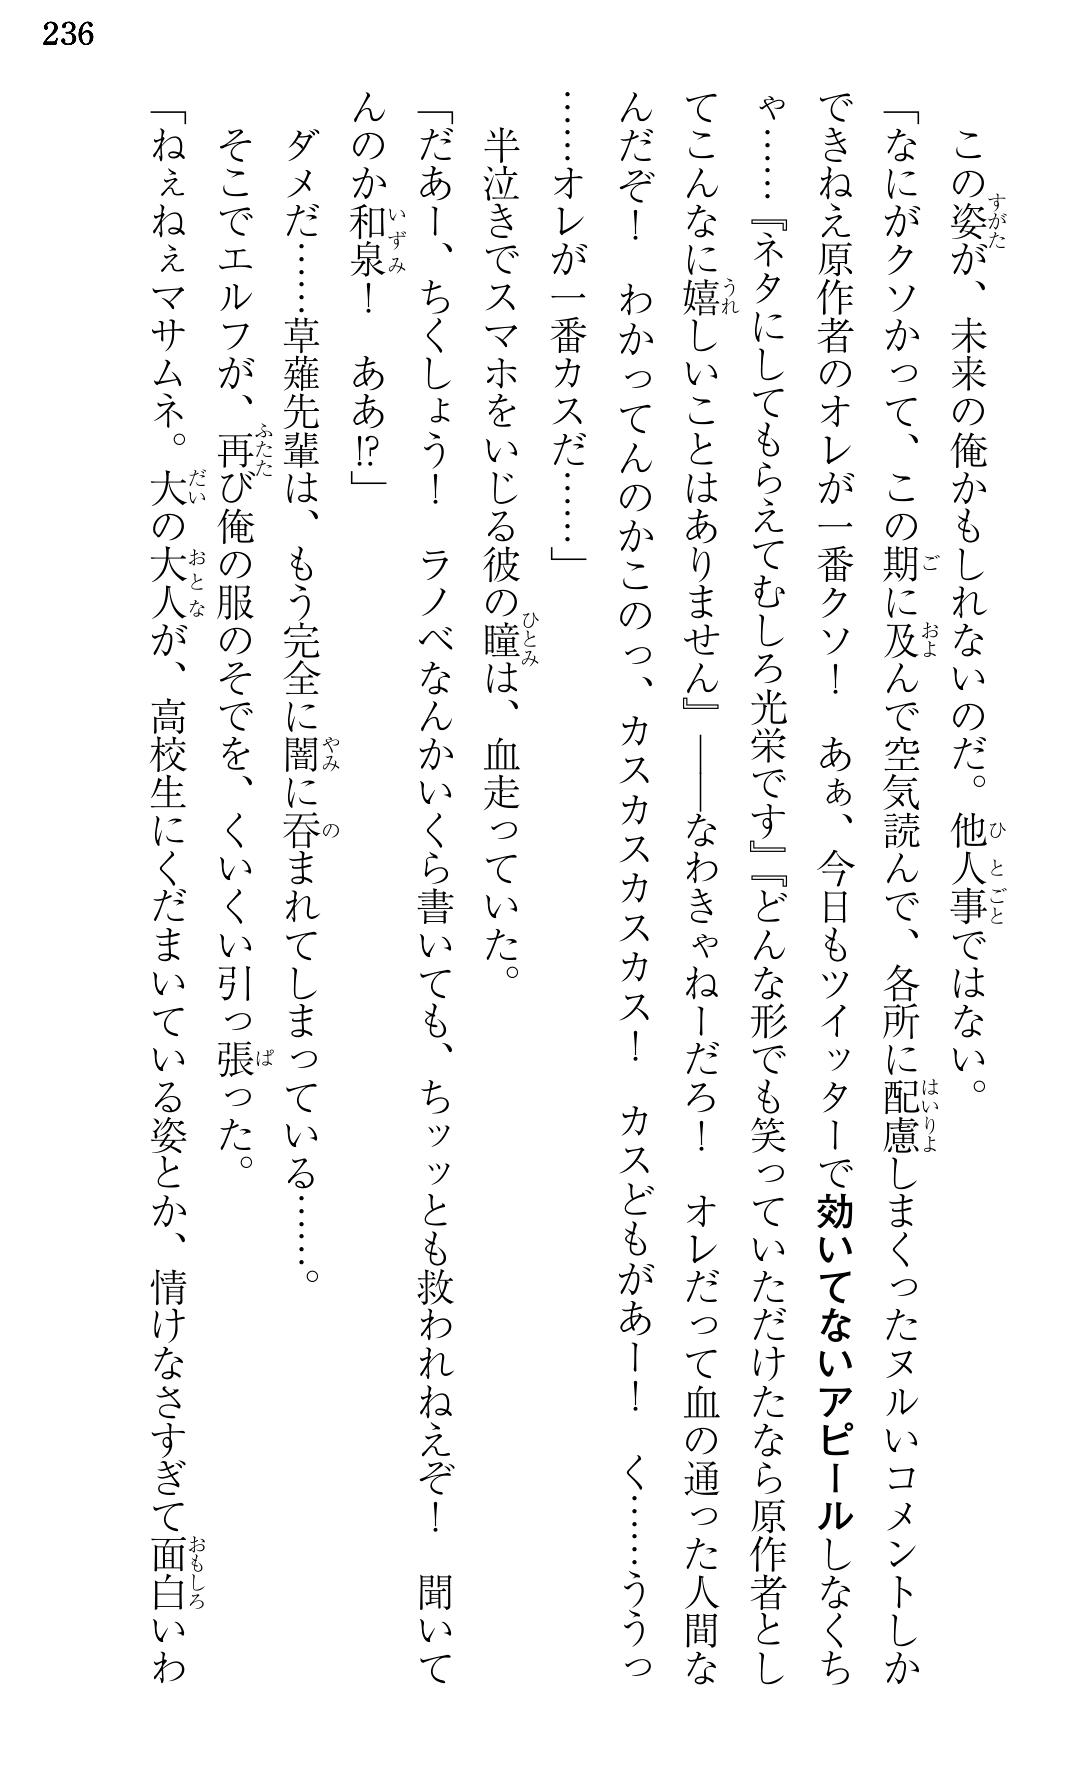 何をやっても木村拓哉論に異論『無限の住人』原作者・沙村広明氏、スターとはそういうもの